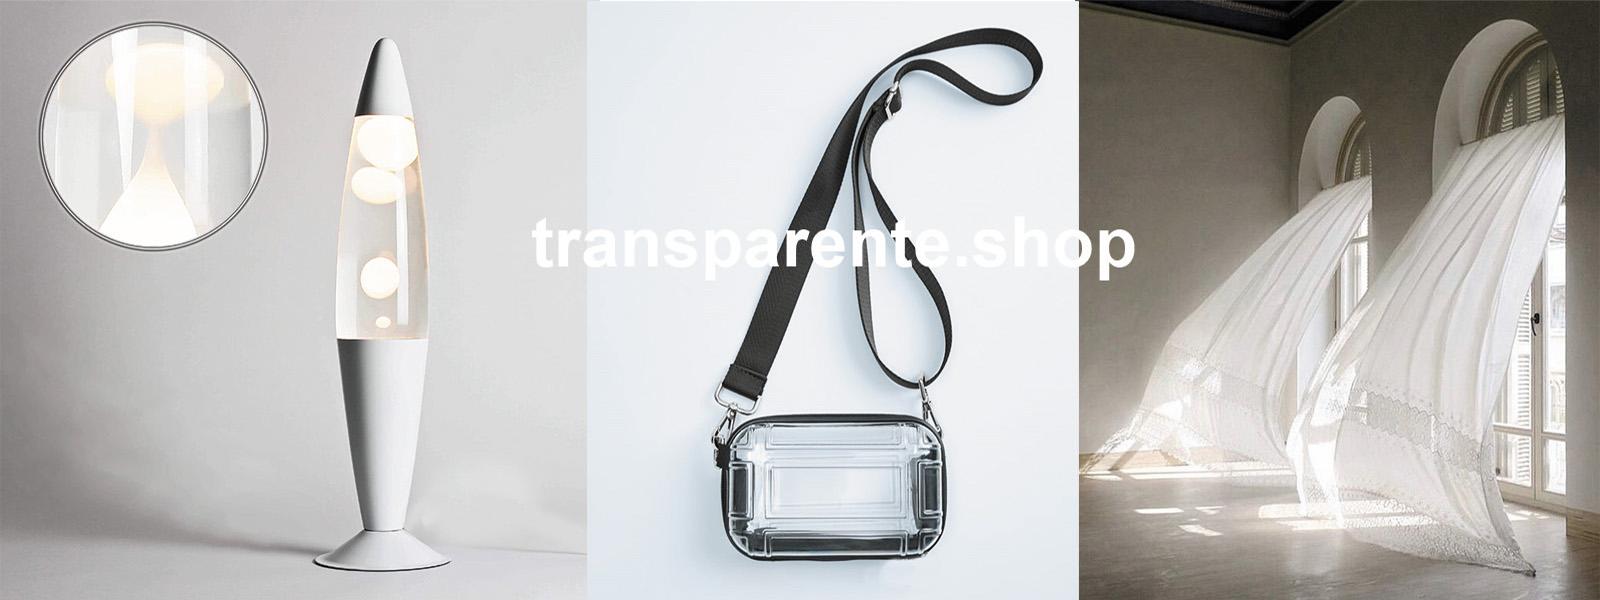 Artículos transparentes vidrio metacrilato